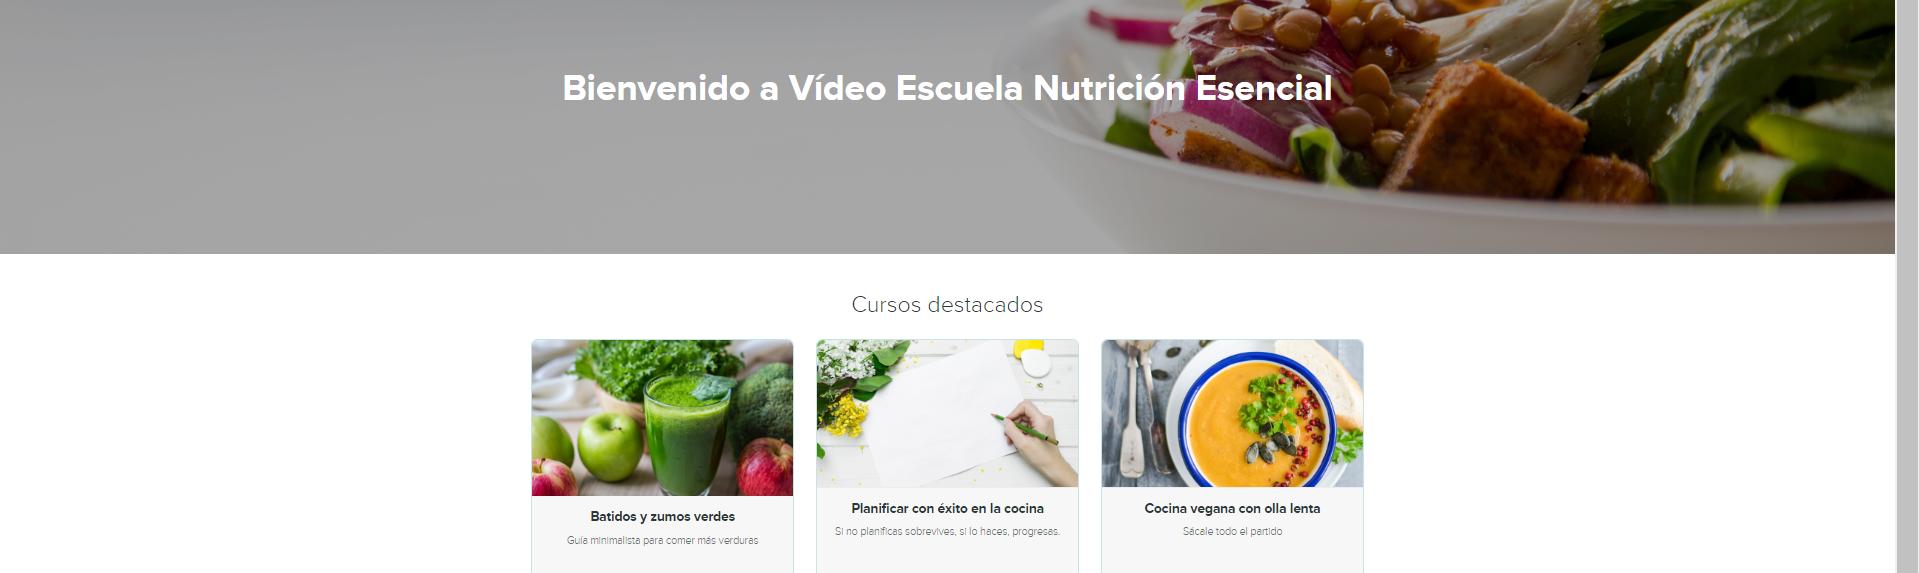 Vídeo-Escuela de cocina online